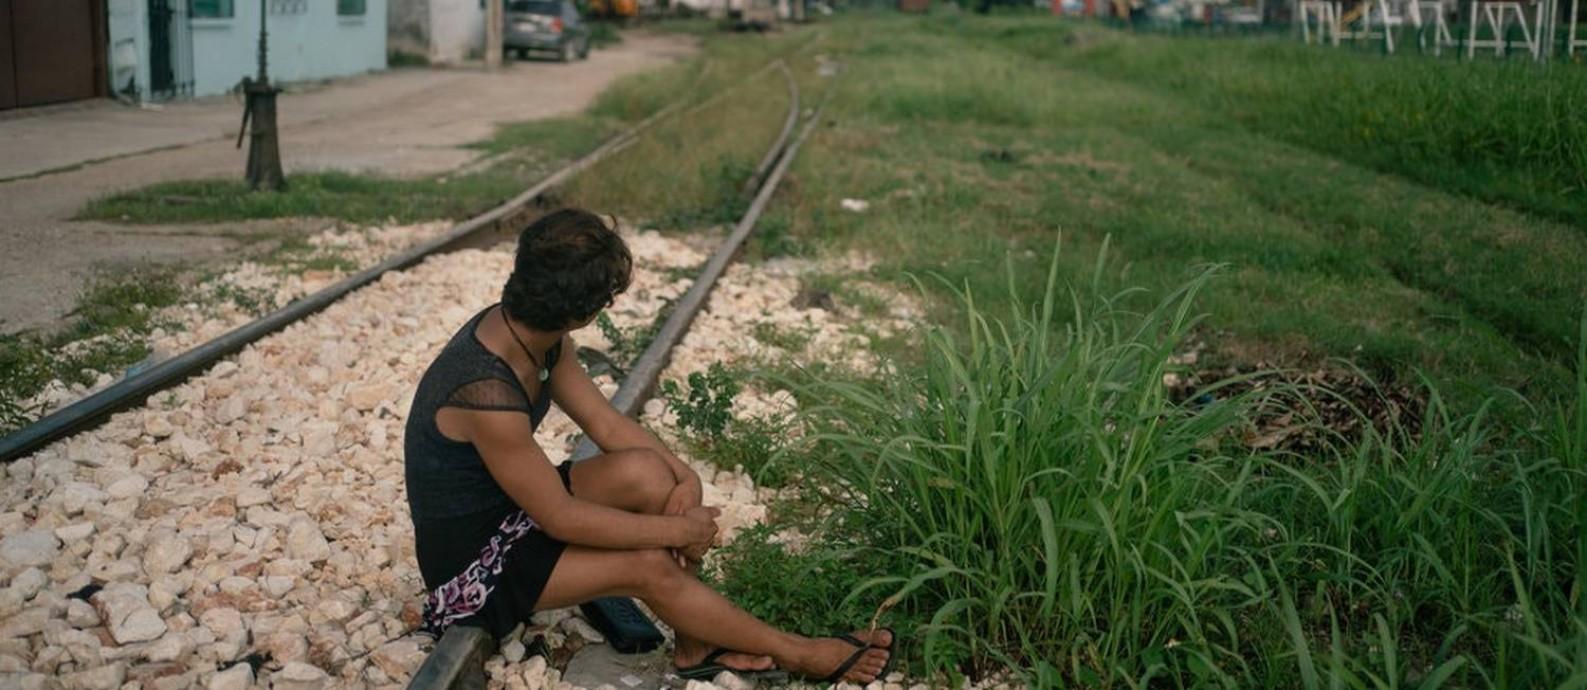 Dulce, uma migrante trangêsnero da Guatemala em Tenosique, México Foto: Luis Antonio Rojas / The New York Times